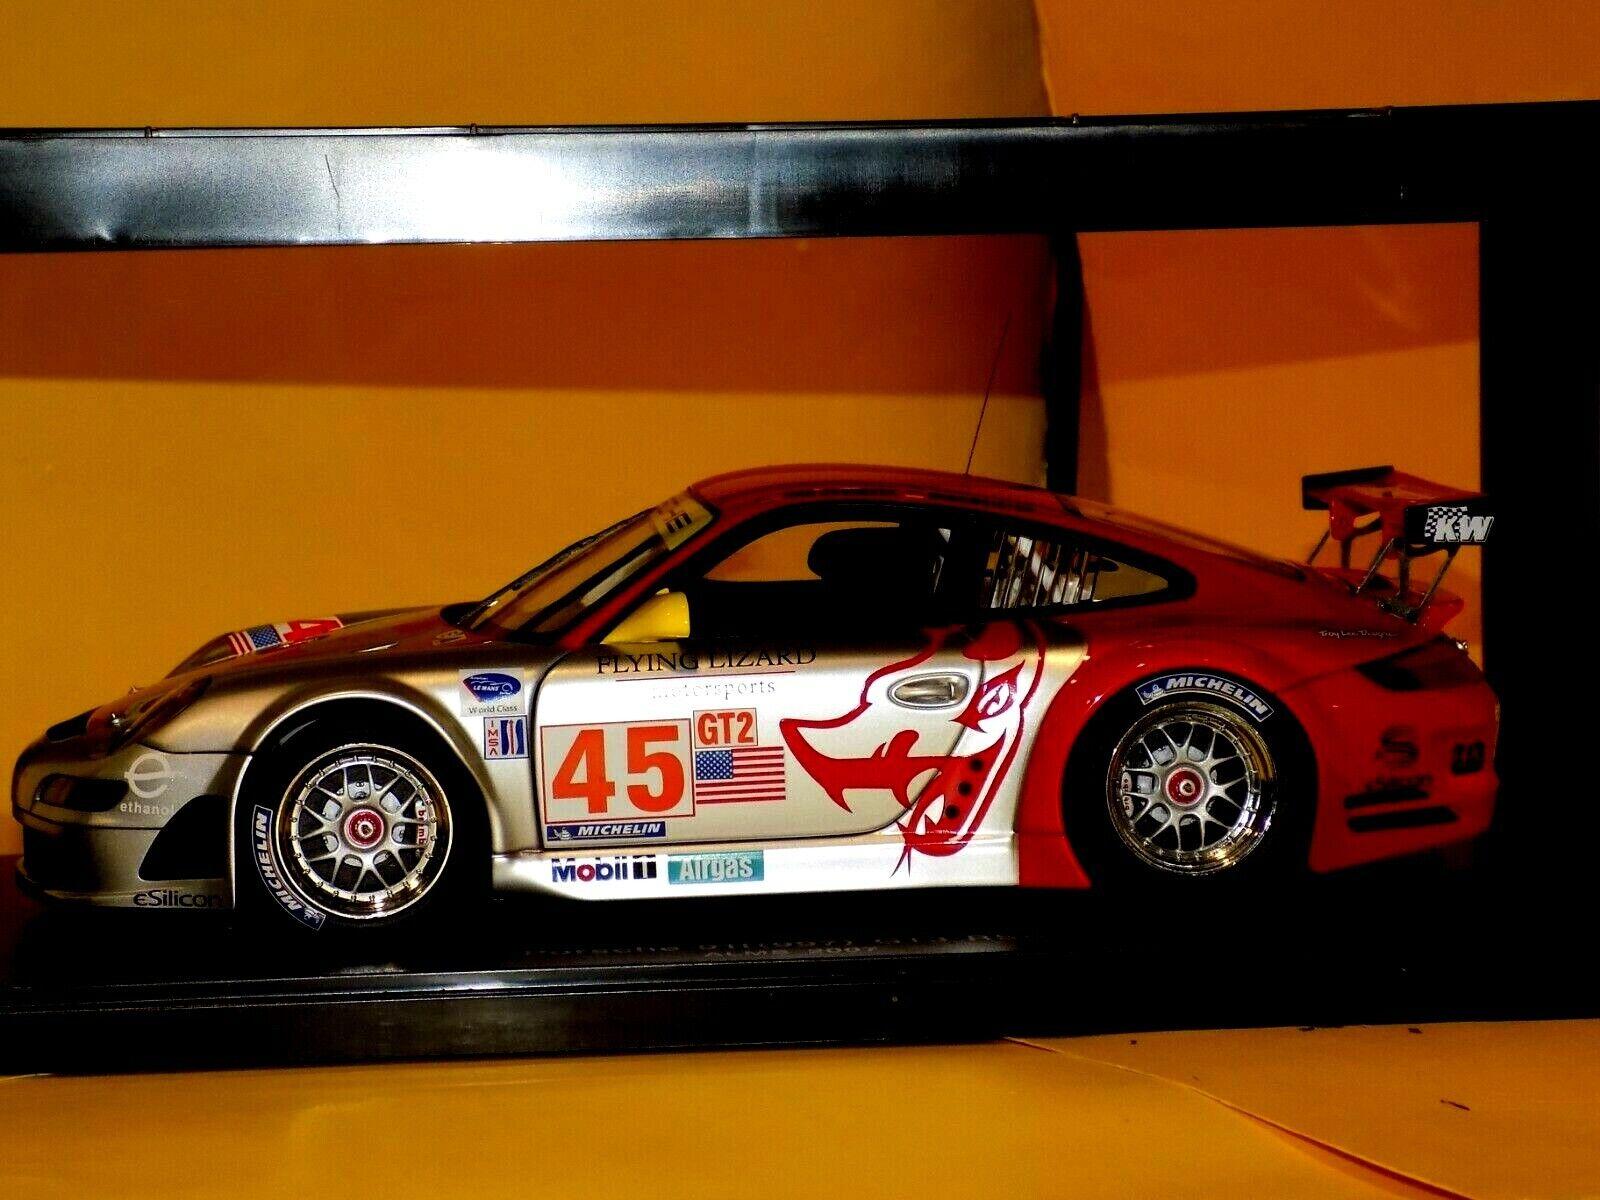 PORSCHE  911 997 GT3 RSR  45 volareING LIZARD ALMS 2007  AUTOART 80788 1 18